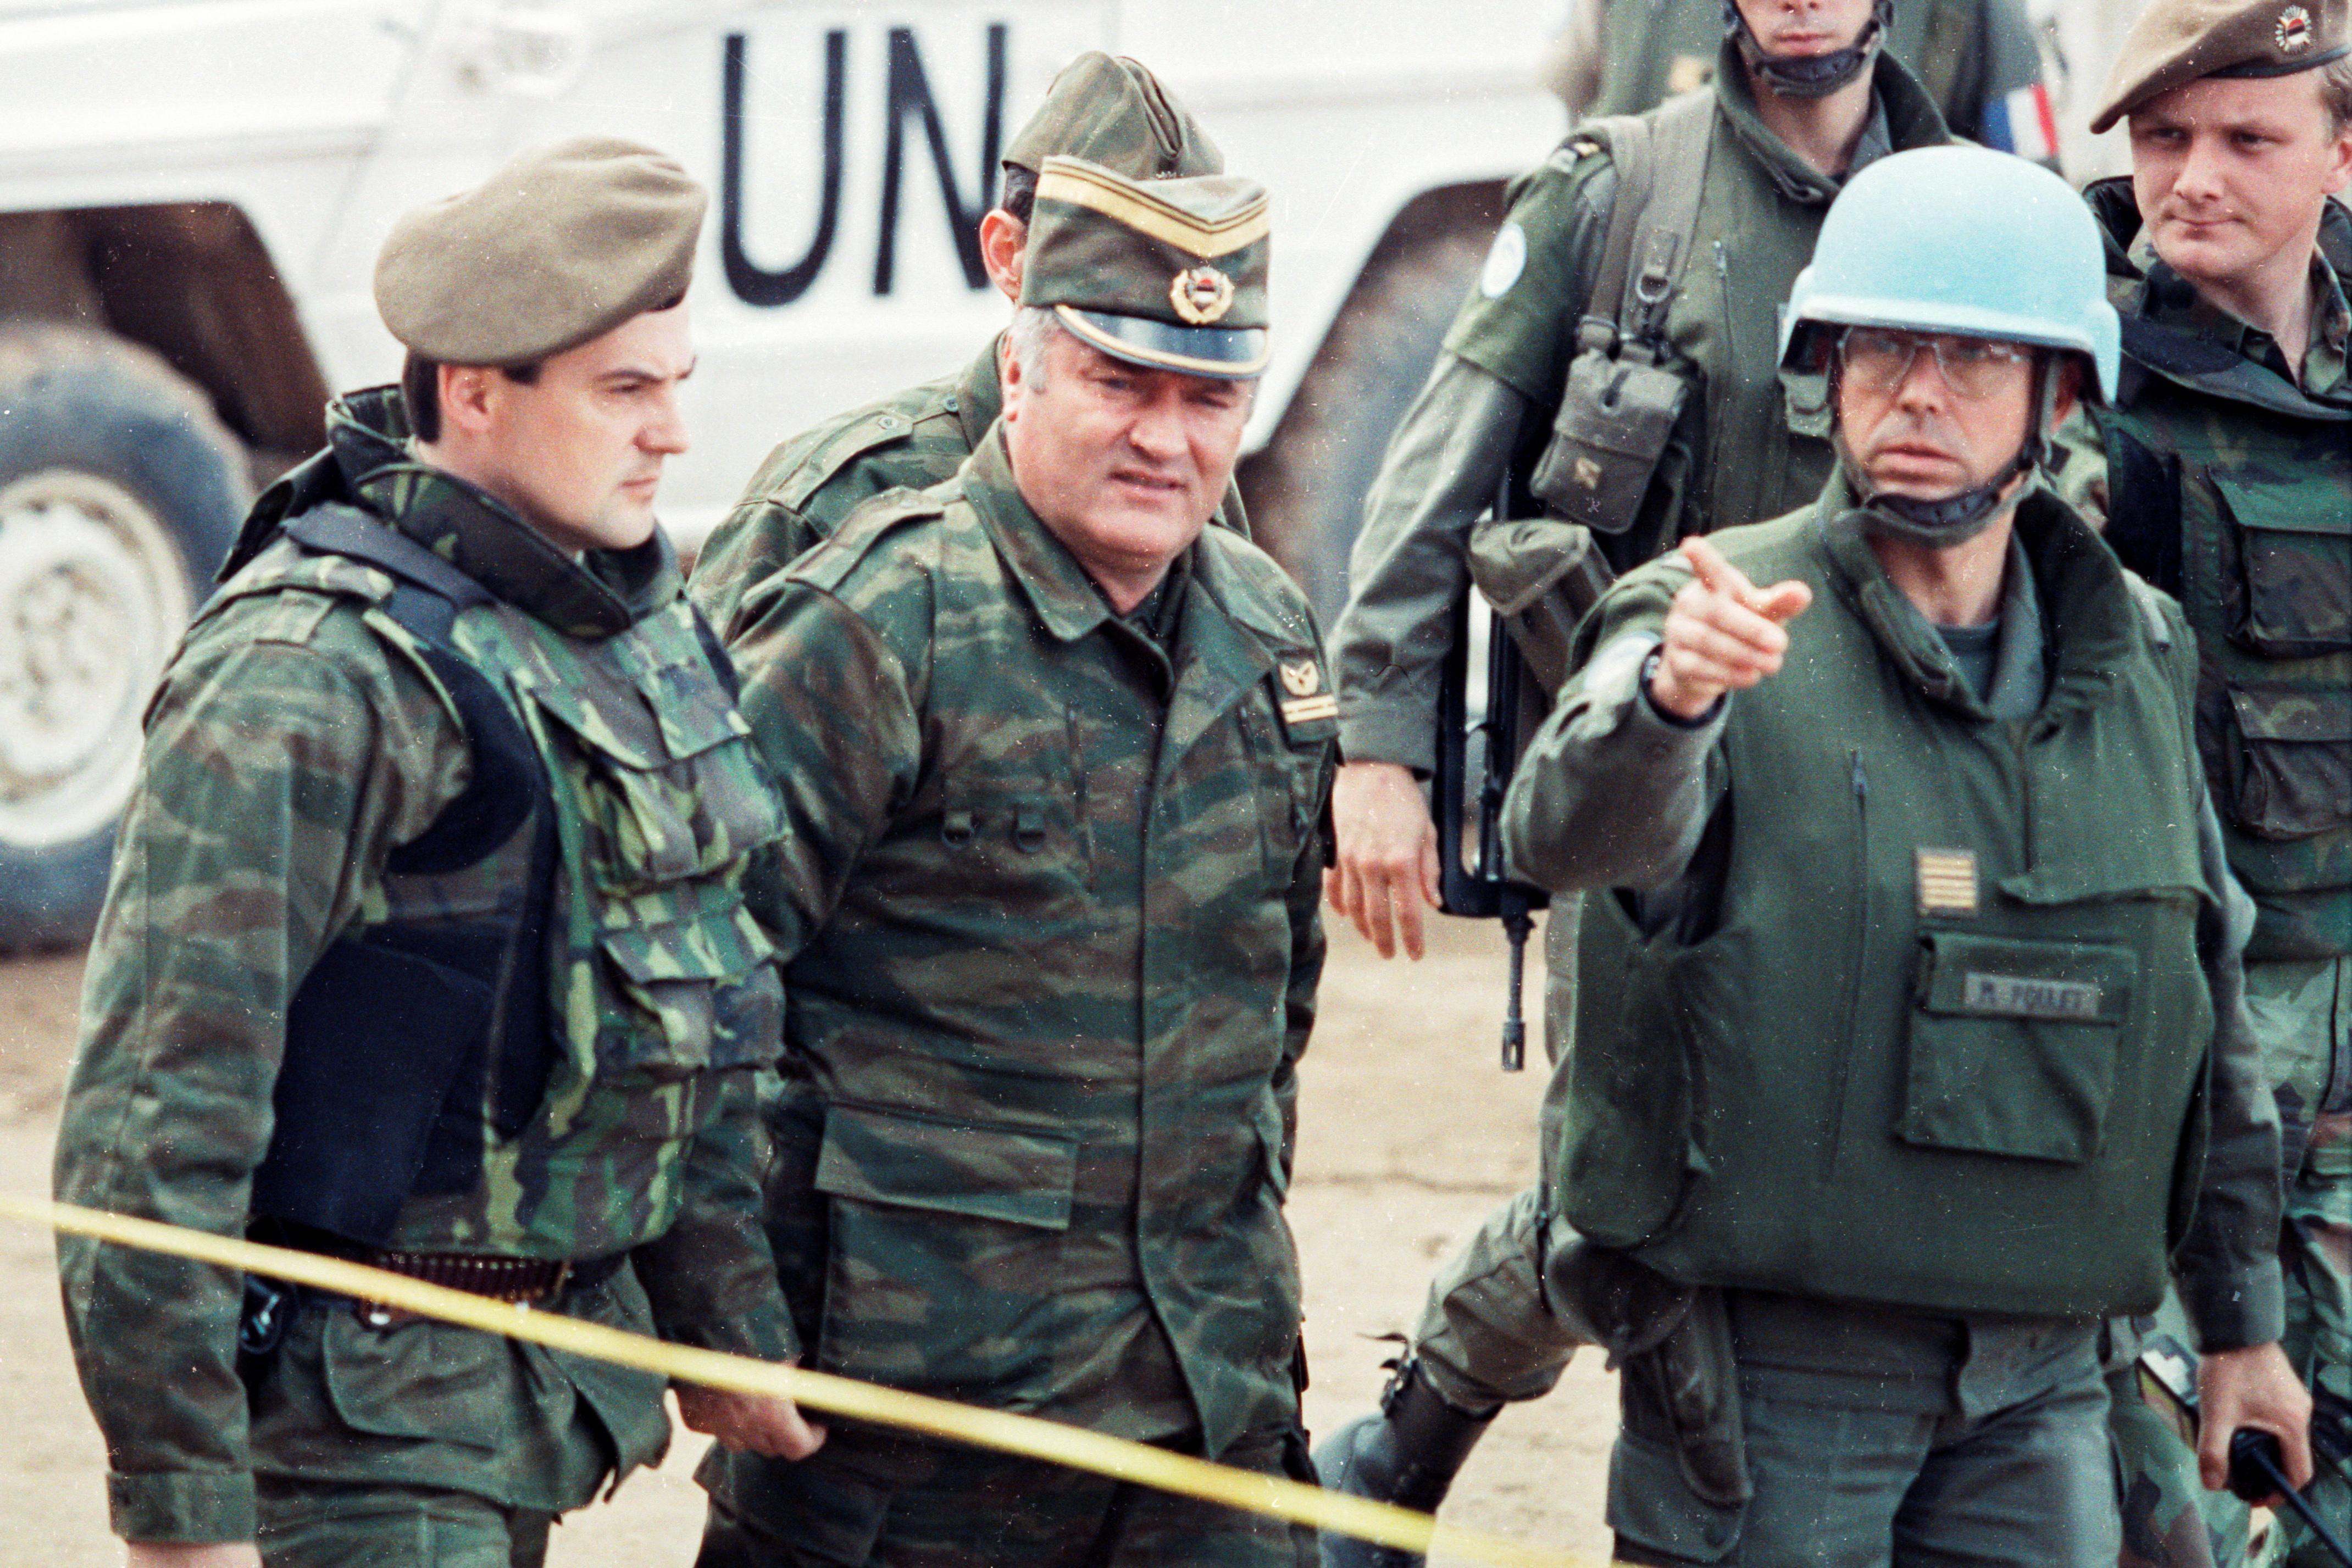 Генерал боснійських сербів Ратко Младич керується офіцером французького закордонного легіону, коли він прибуває на зустріч французького командувача ООН генералом Філіпом Морійоном в аеропорту Сараєво, Боснія і Герцеговина, в березні 1993 року. Знято в березні 1993 року. REUTERS / Кріс Хельгрен